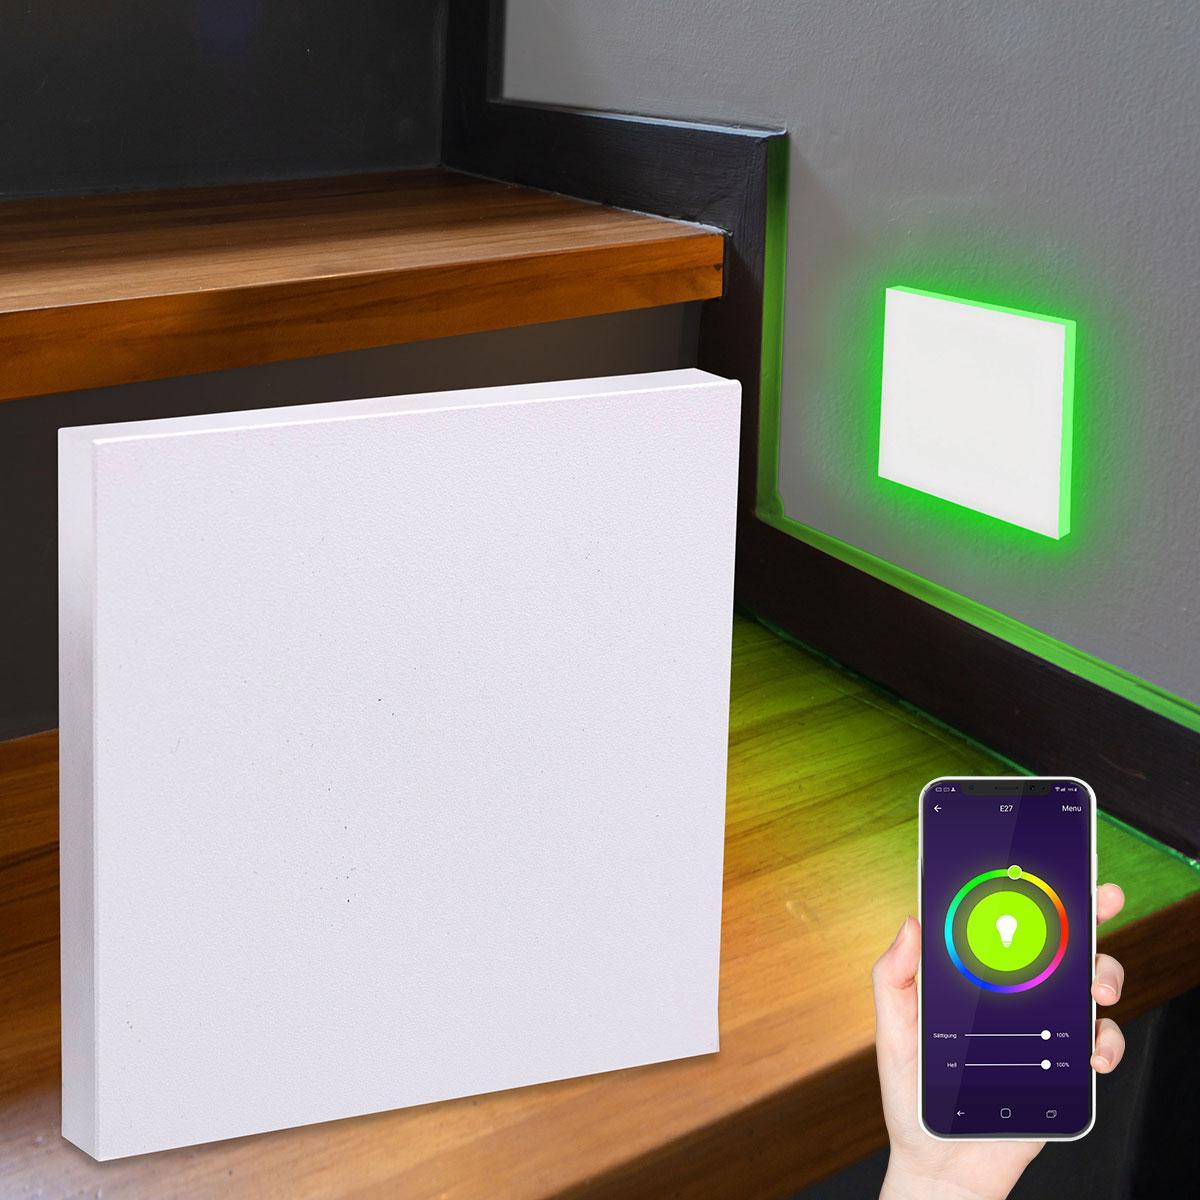 LED Treppenlicht Wandeinbauleuchte Smart Tuya RGB+CCT 230V 5W weiß Lichtaustritt seitlich